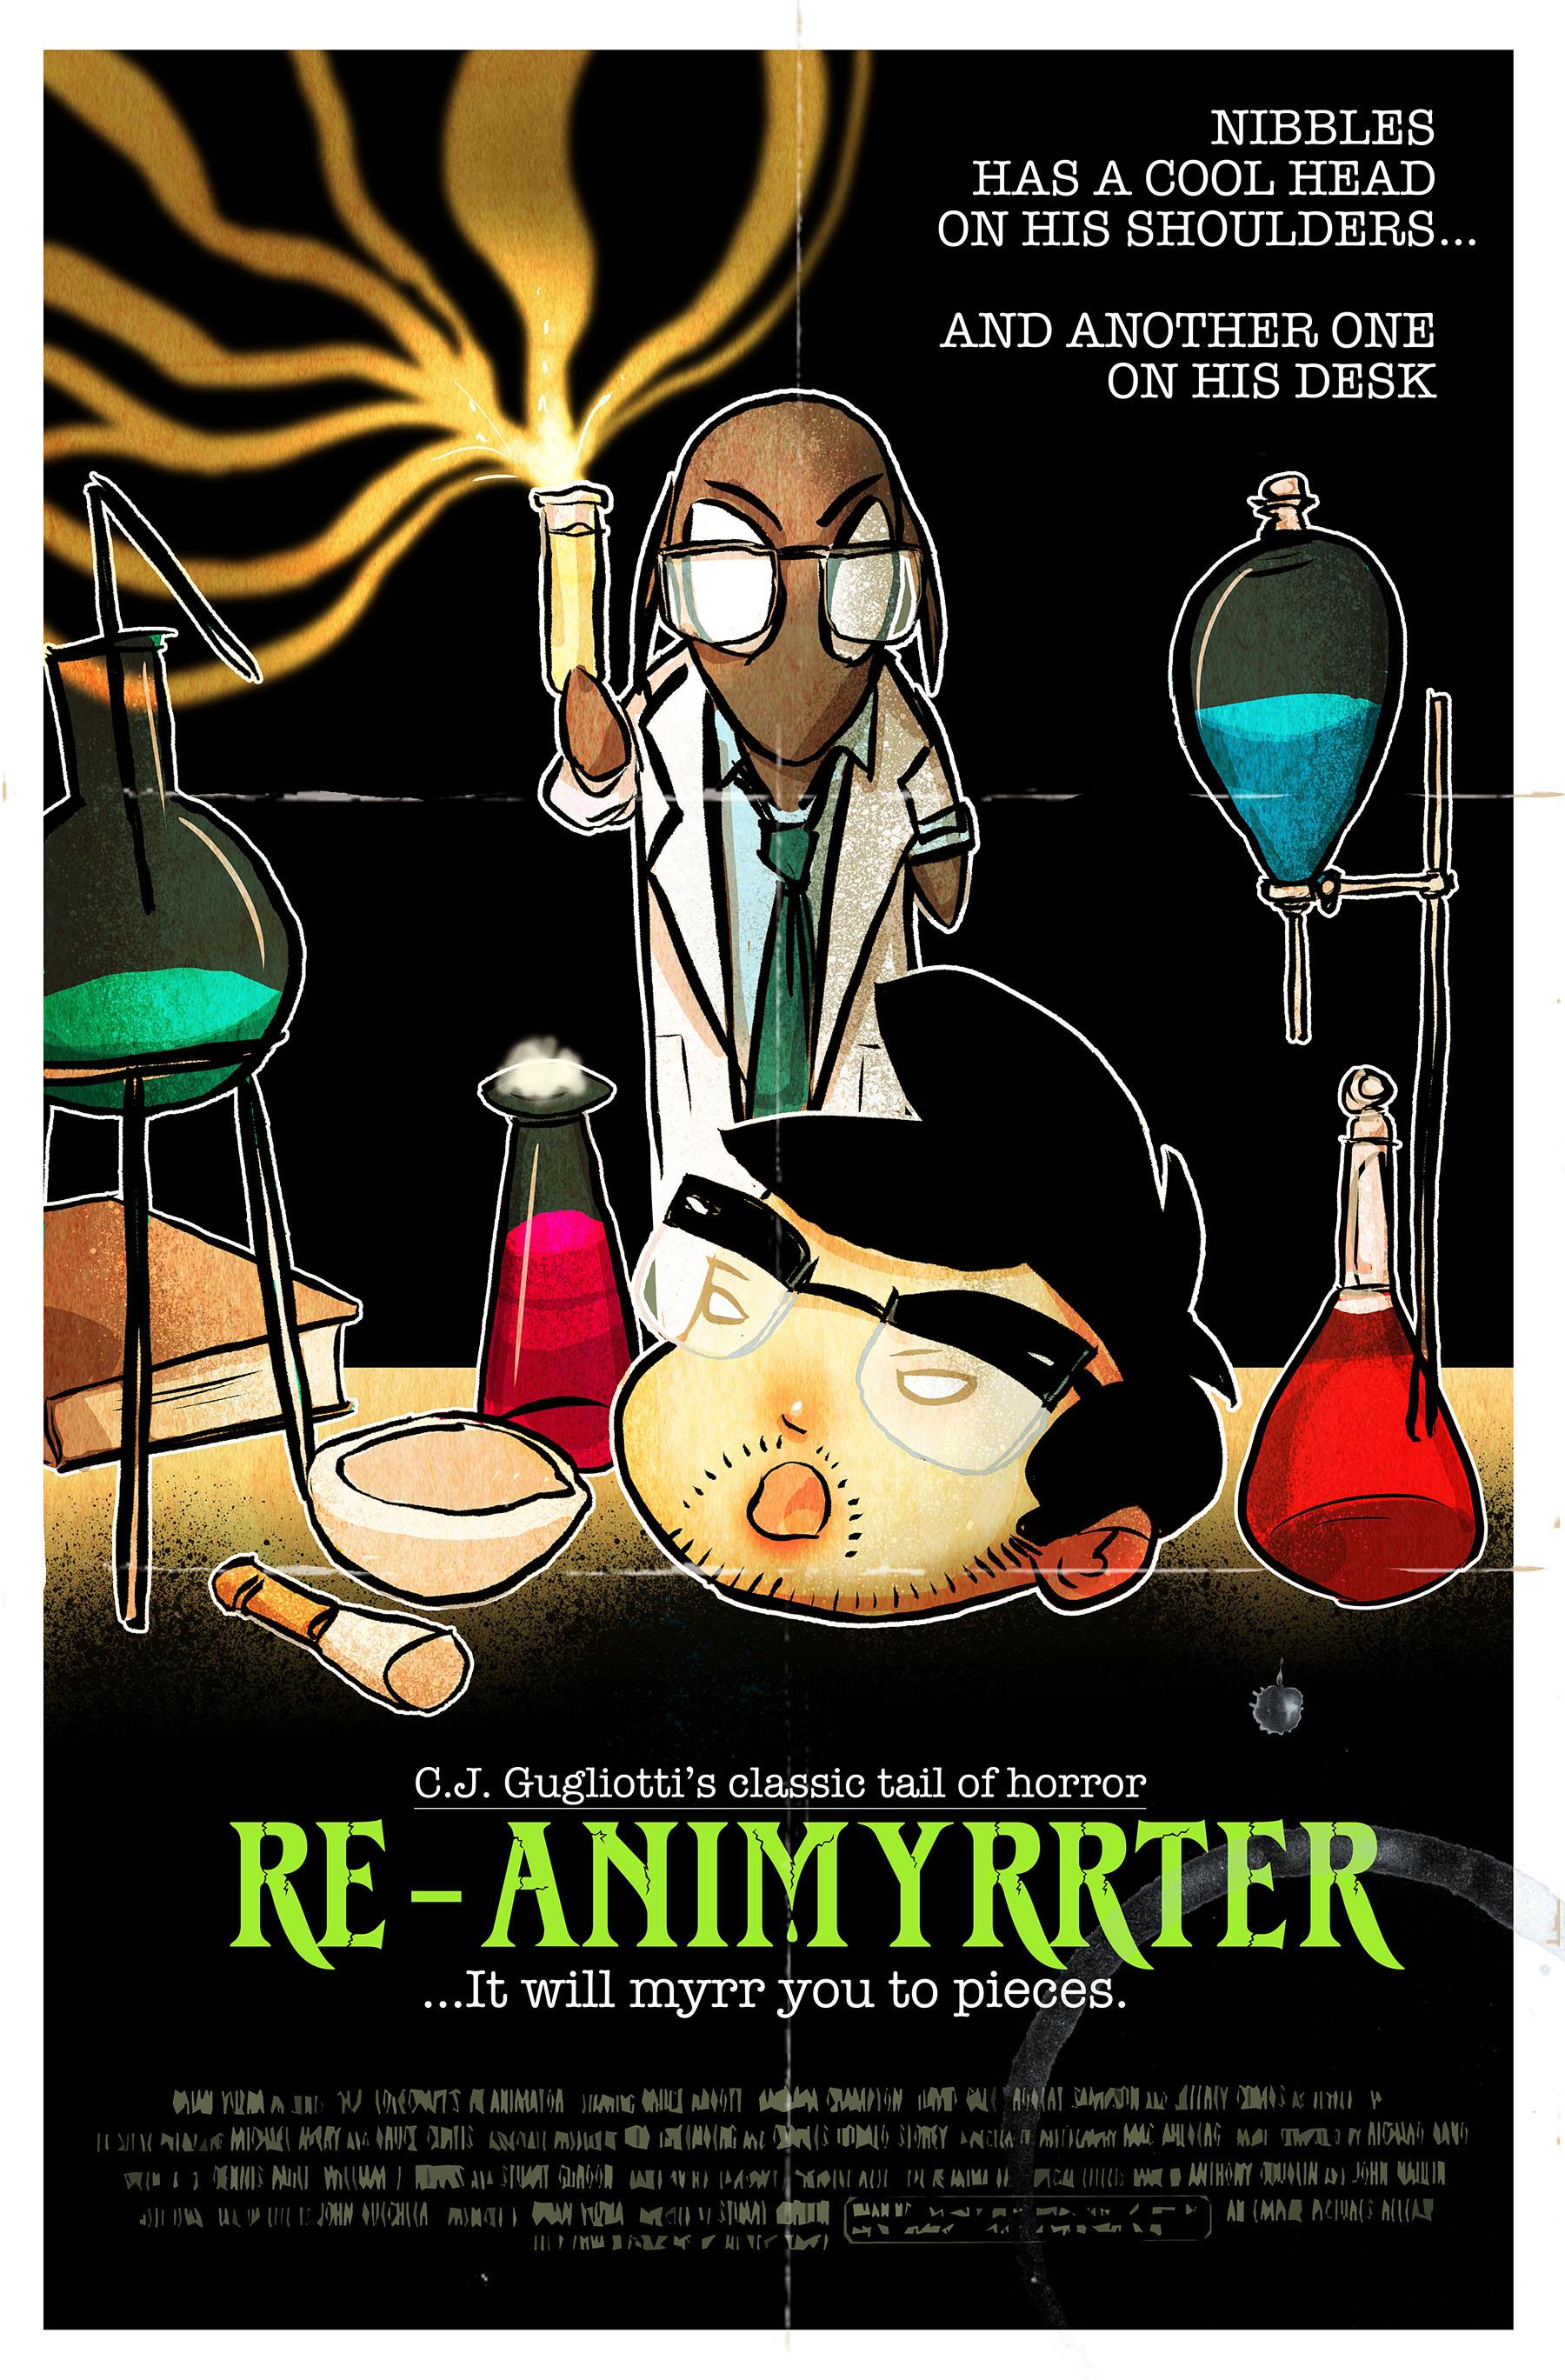 RE-ANIMYRRTER